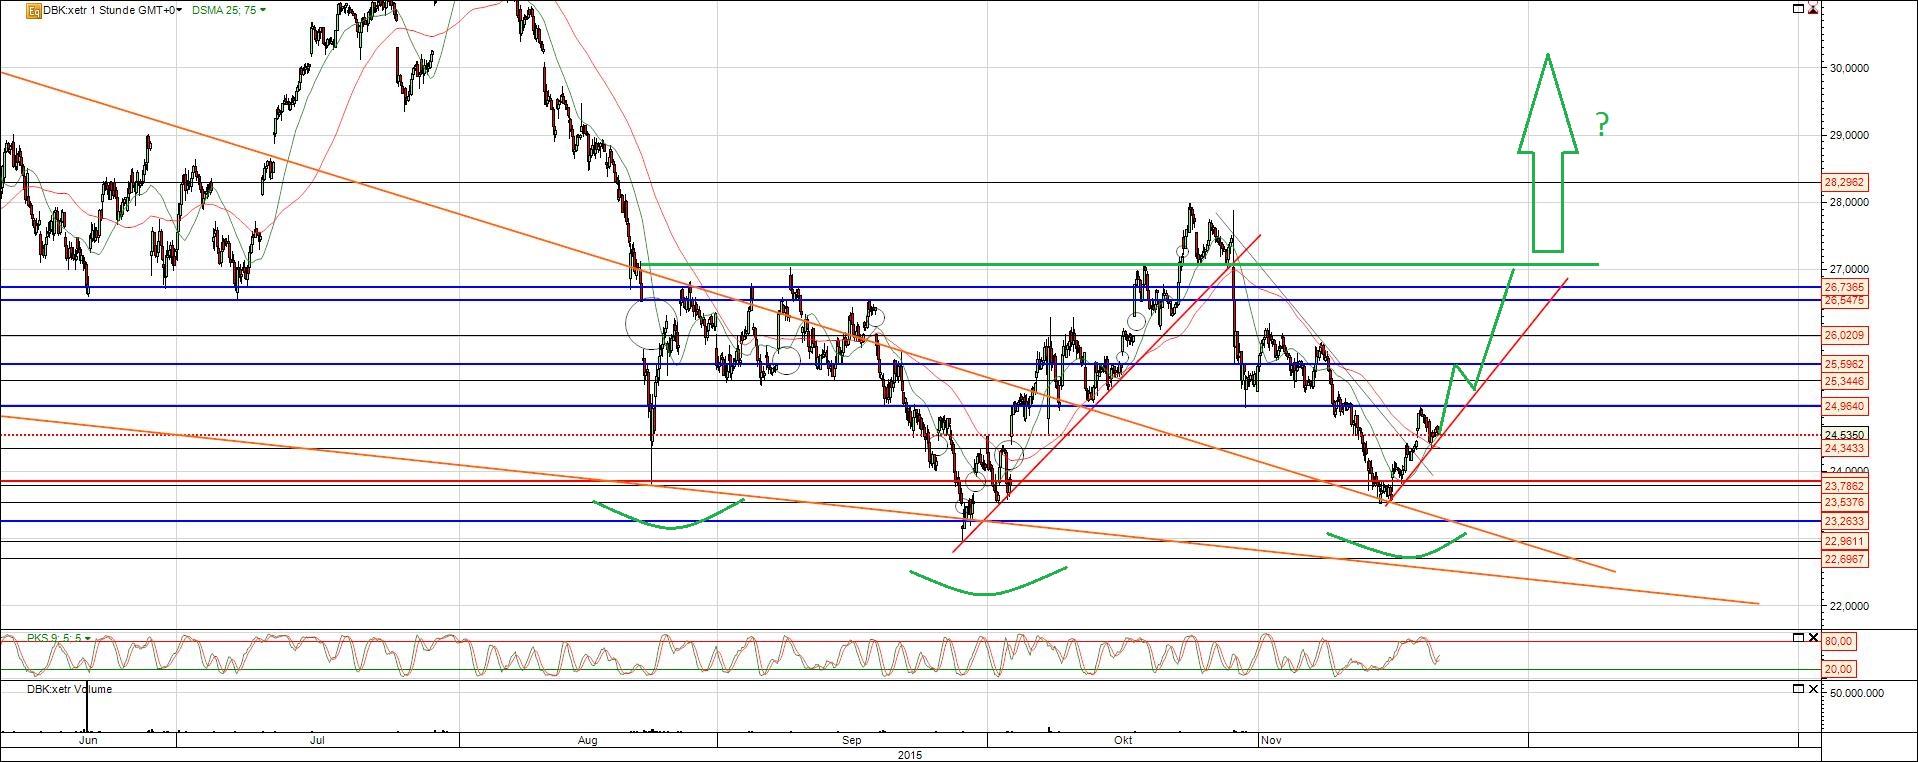 Deutsche Bank Aktie vor der Trendwende?